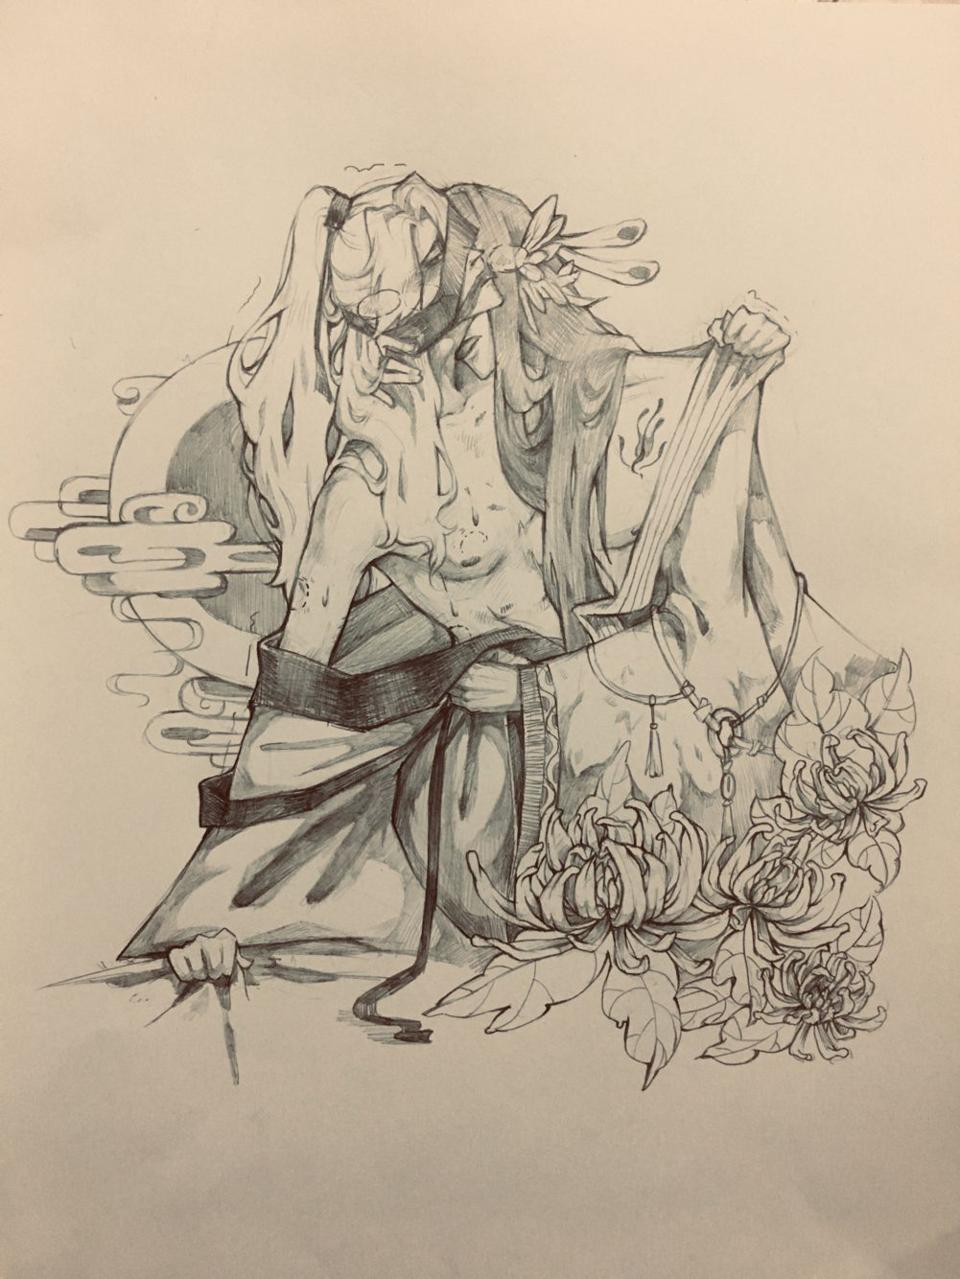 bl Illust of 吴本道士 original medibangpaint